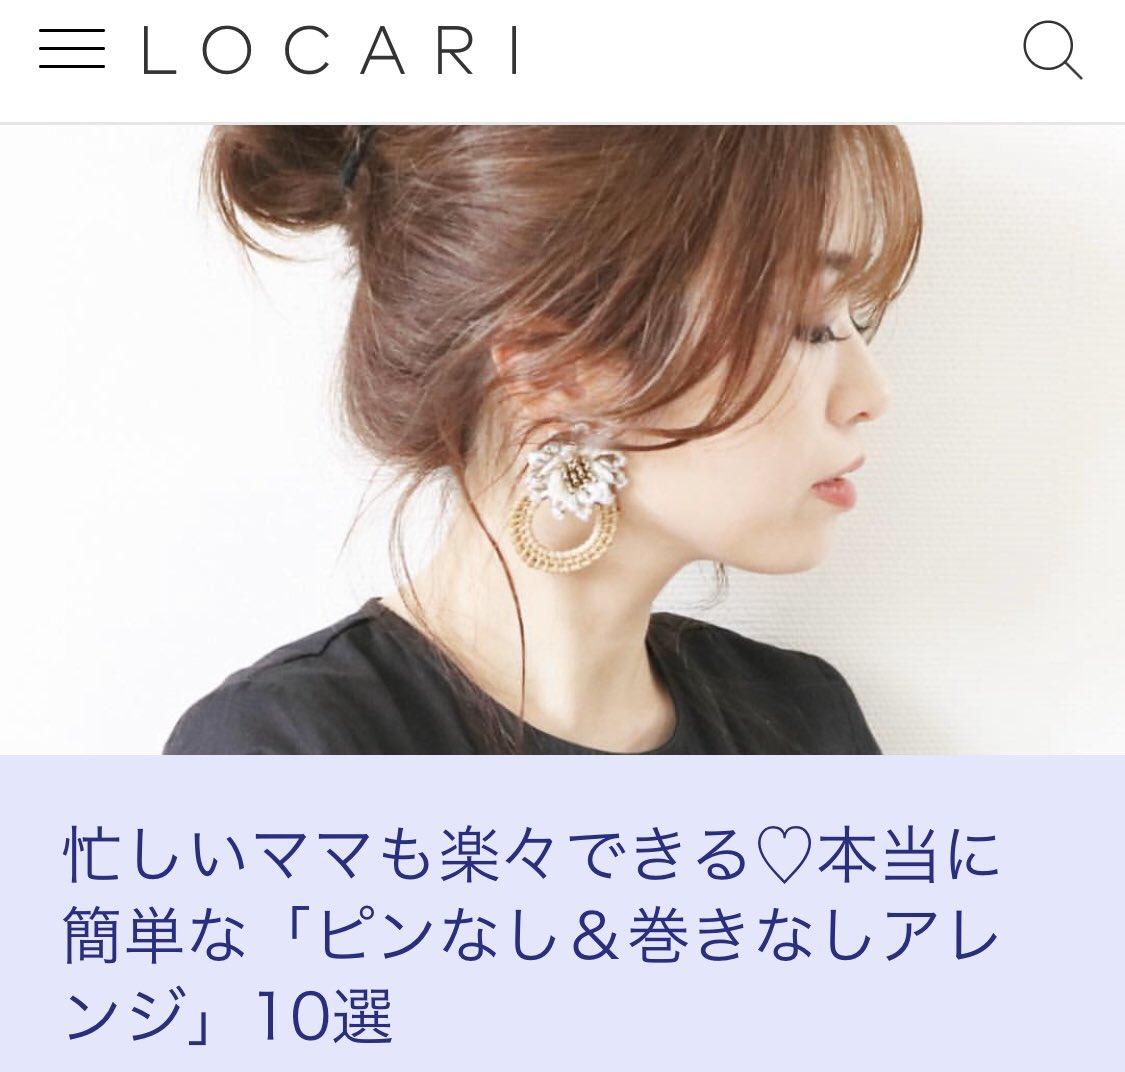 忙しいママも楽々できる♡本当に簡単な「ピンなし&巻きなしアレンジ」10選  @locari_jpより#ロカリ #LOCARI #ピックアップ #巻かないアレンジ #ヘアピン不要アレンジ